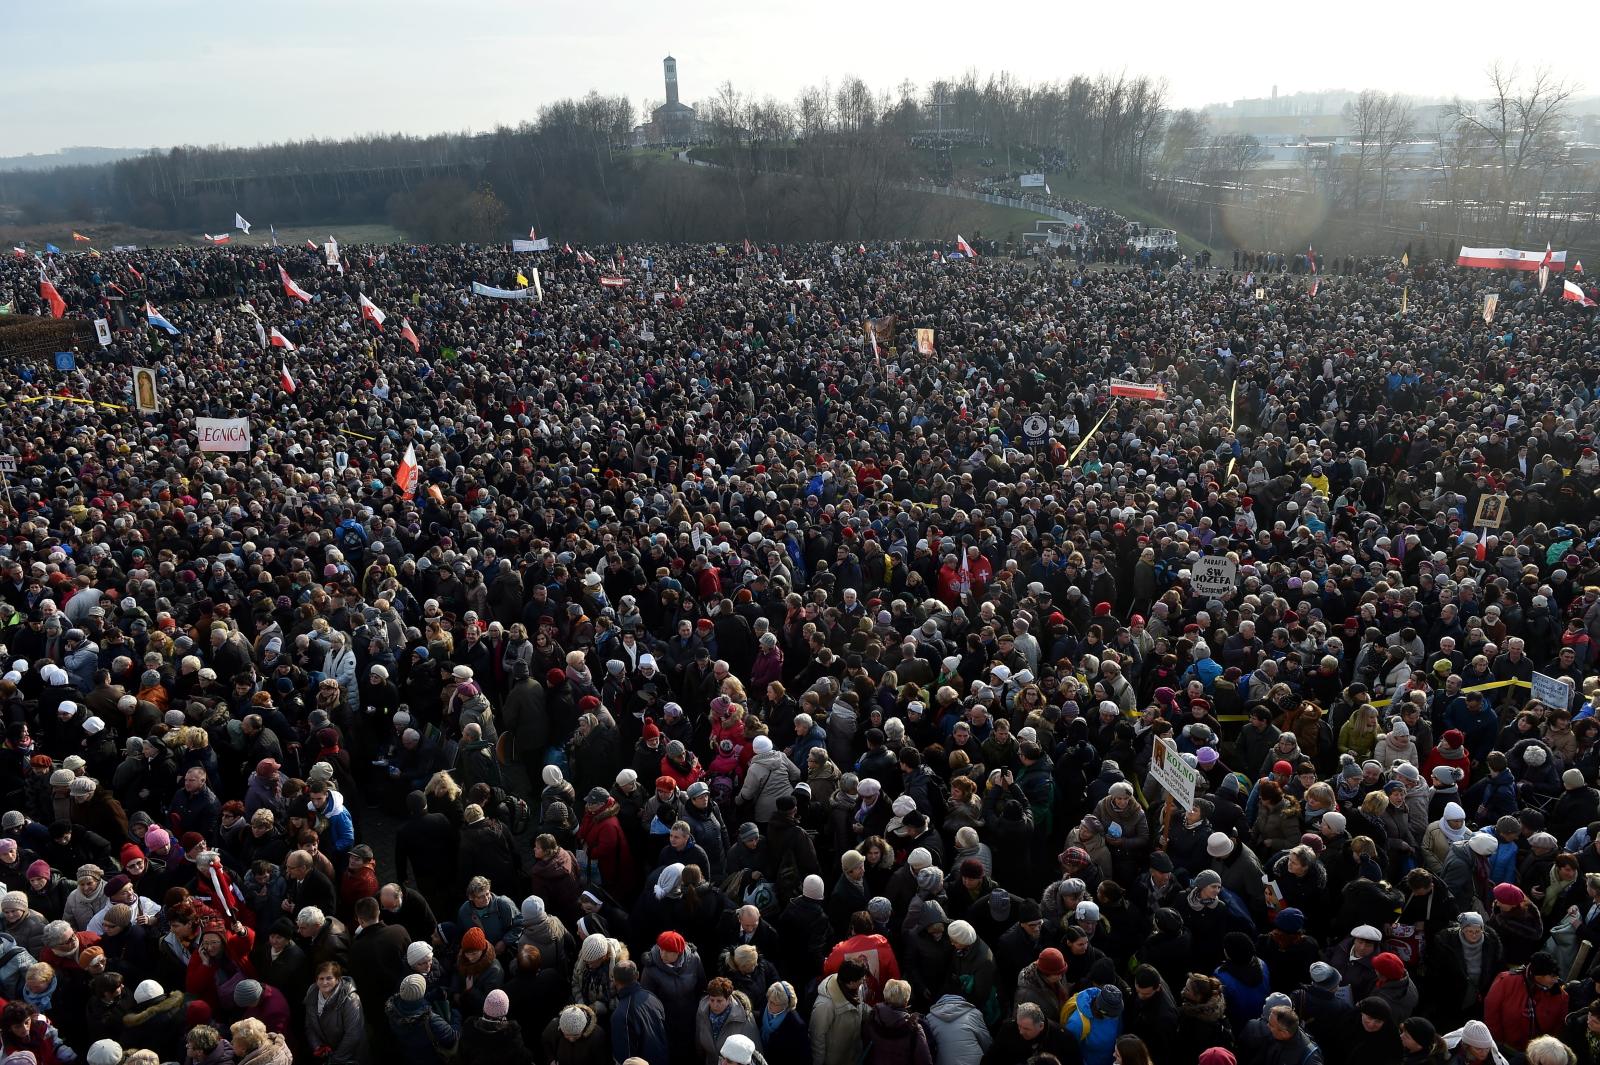 Wierni zgromadzeni przed Sanktuarium Bożego Miłosierdzia w Krakowie-Łagiewnikach podczas mszy św. z okazji ogłoszenia Jubileuszowego Aktu Przyjęcia Jezusa Chrystusa za Króla i Pana.